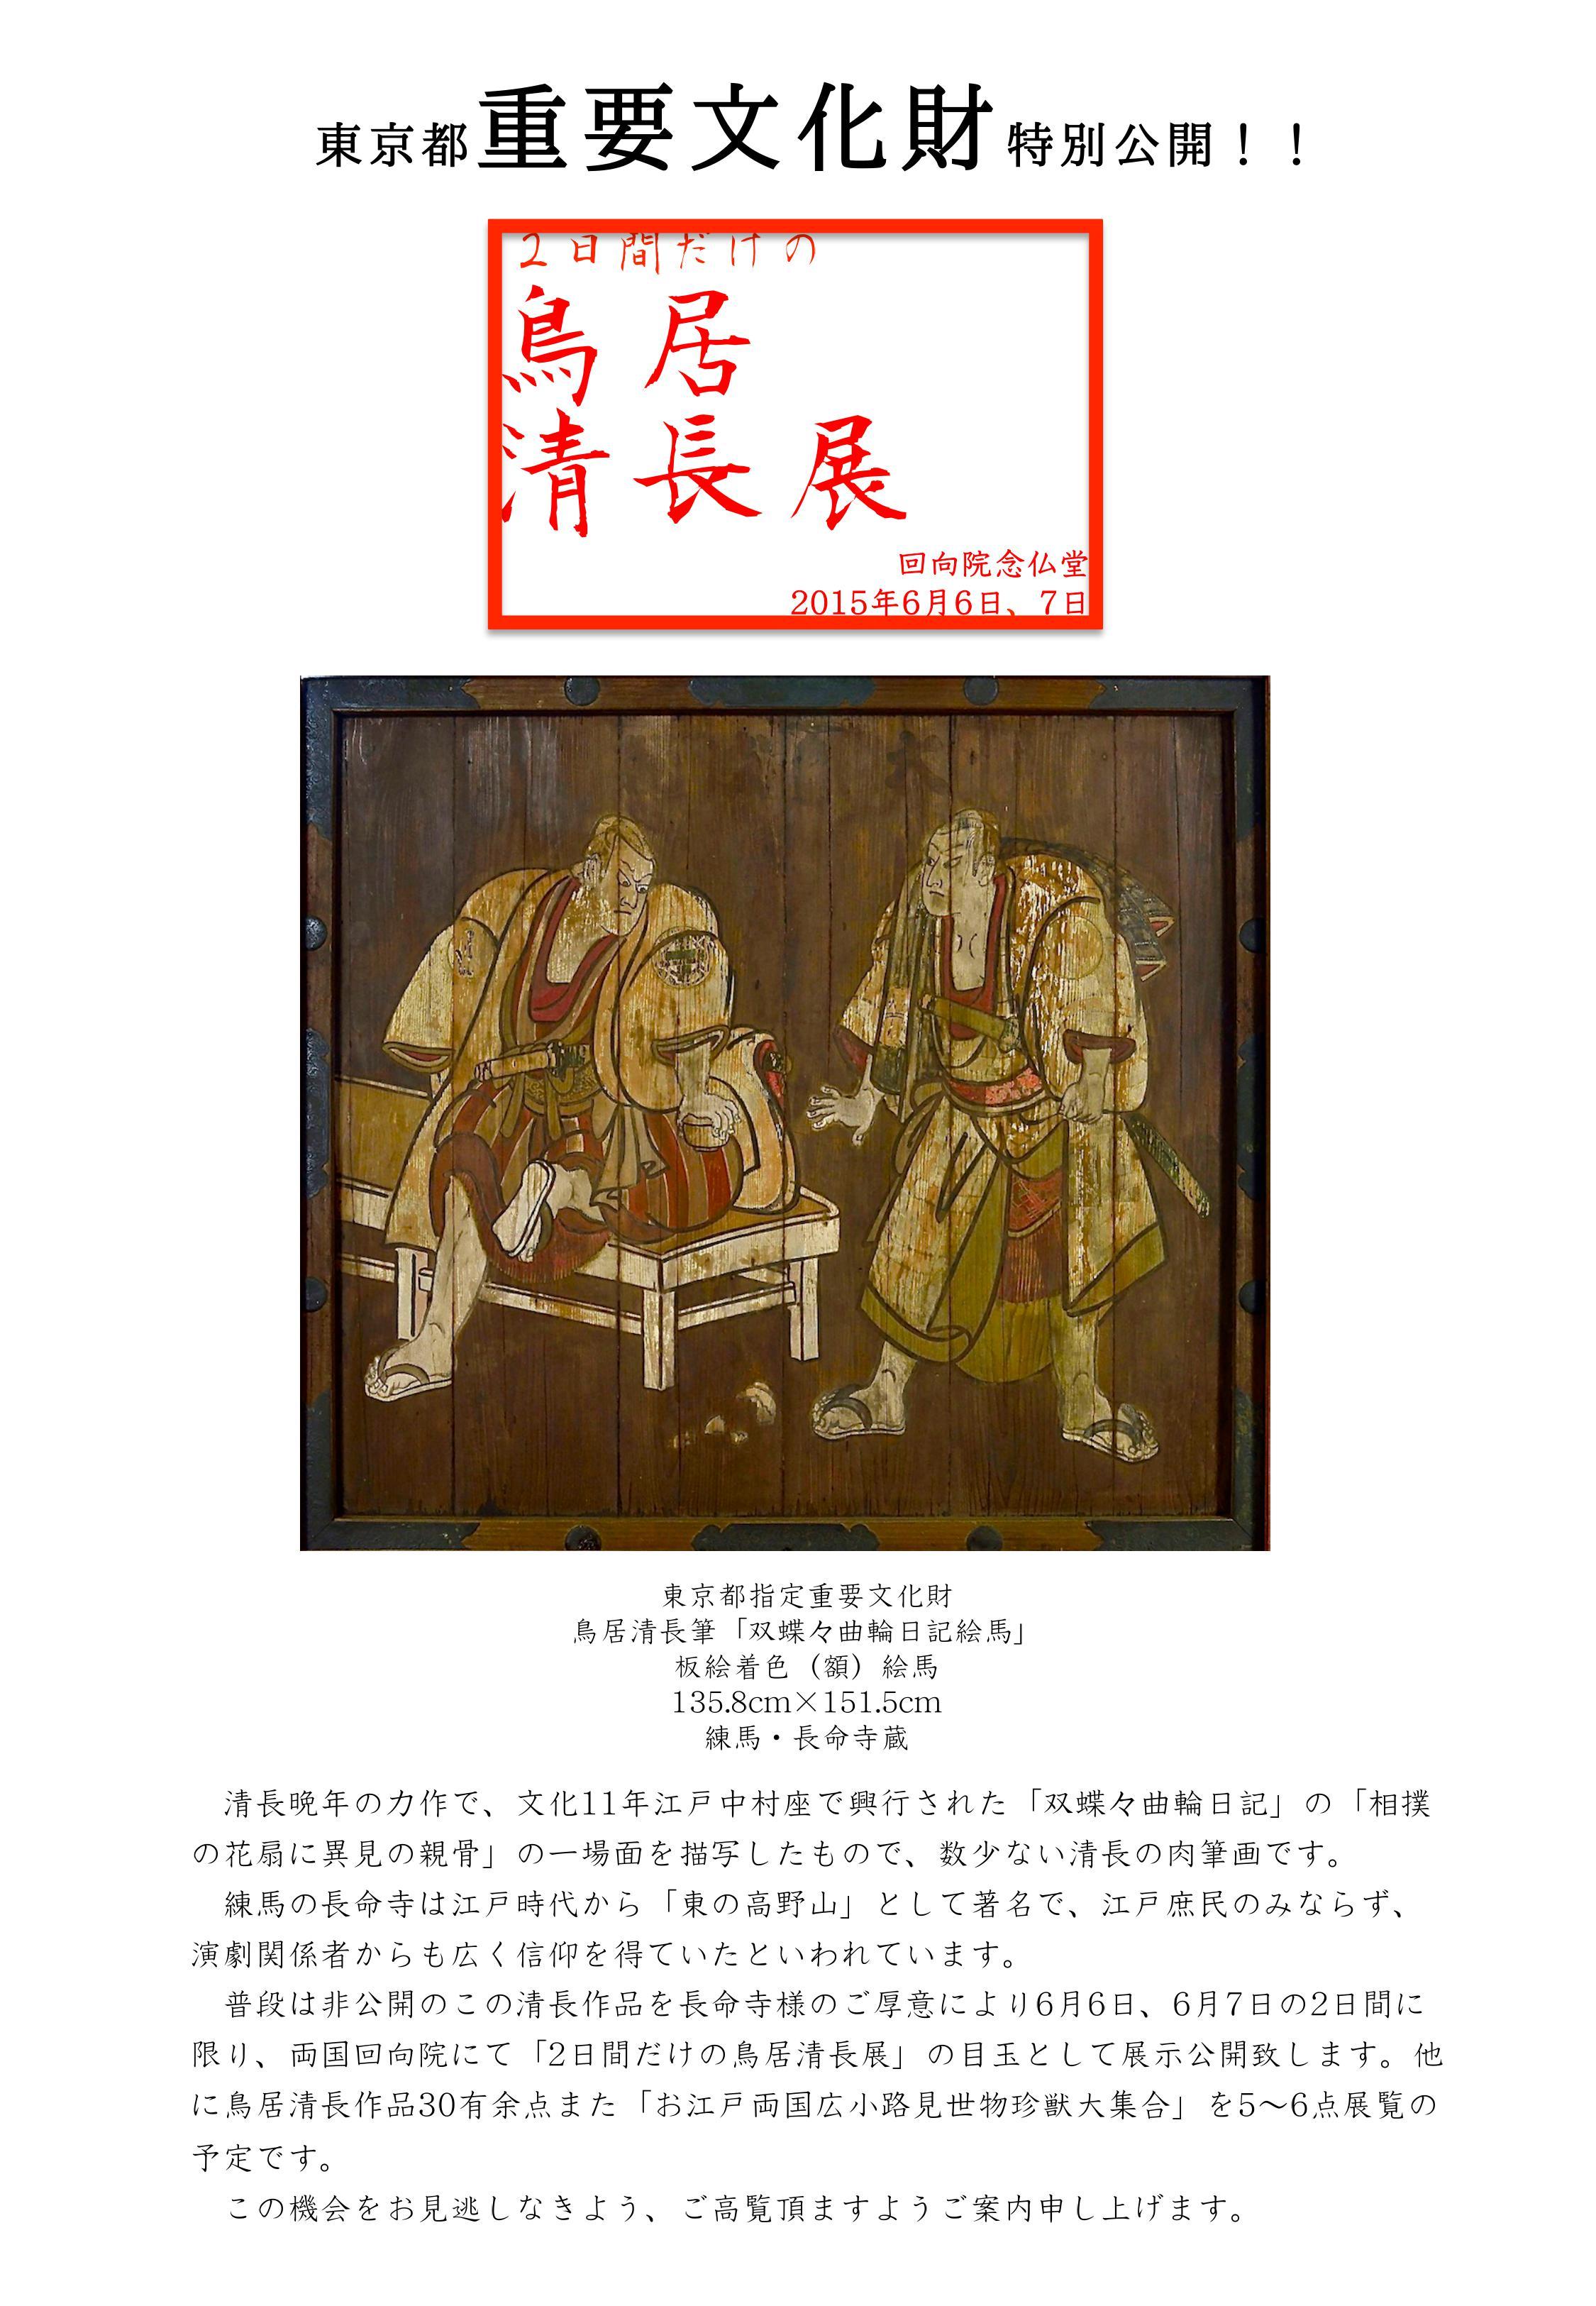 回向院 | 歴史の中で庶民と共に歩んできたお寺「2日間だけの鳥居清長展」(6/6~6/7)開催のお知らせ